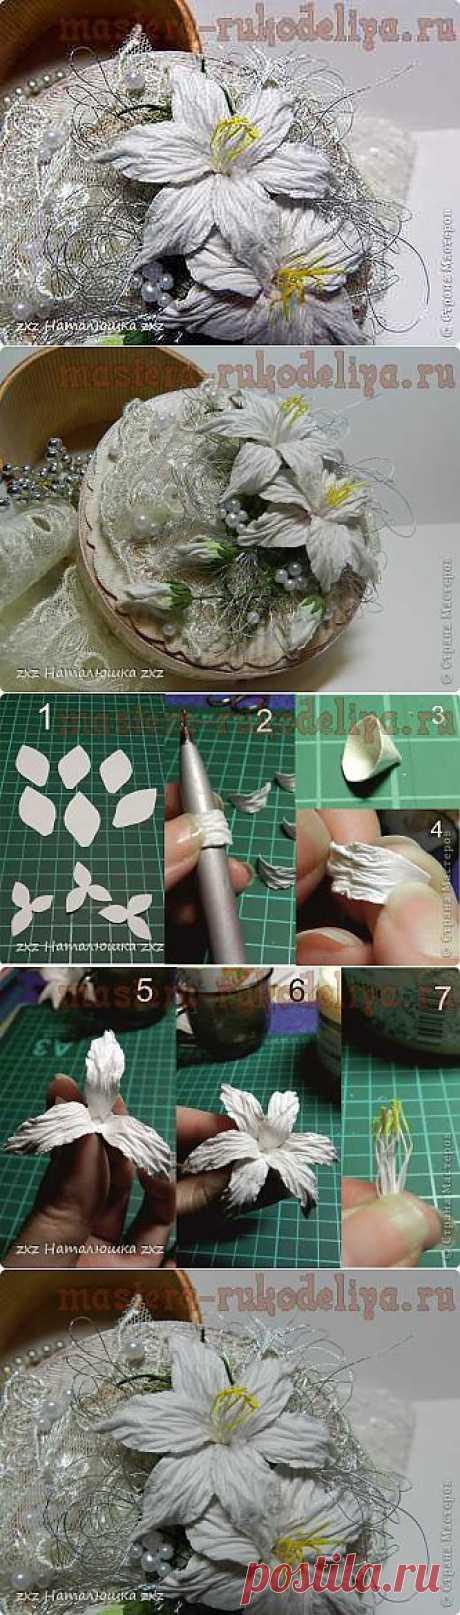 Мастера рукоделия - рукоделие для дома. Бесплатные мастер-классы, фото и видео уроки - Мастер-класс по скрапбукингу: Цветы лилии из бумаги